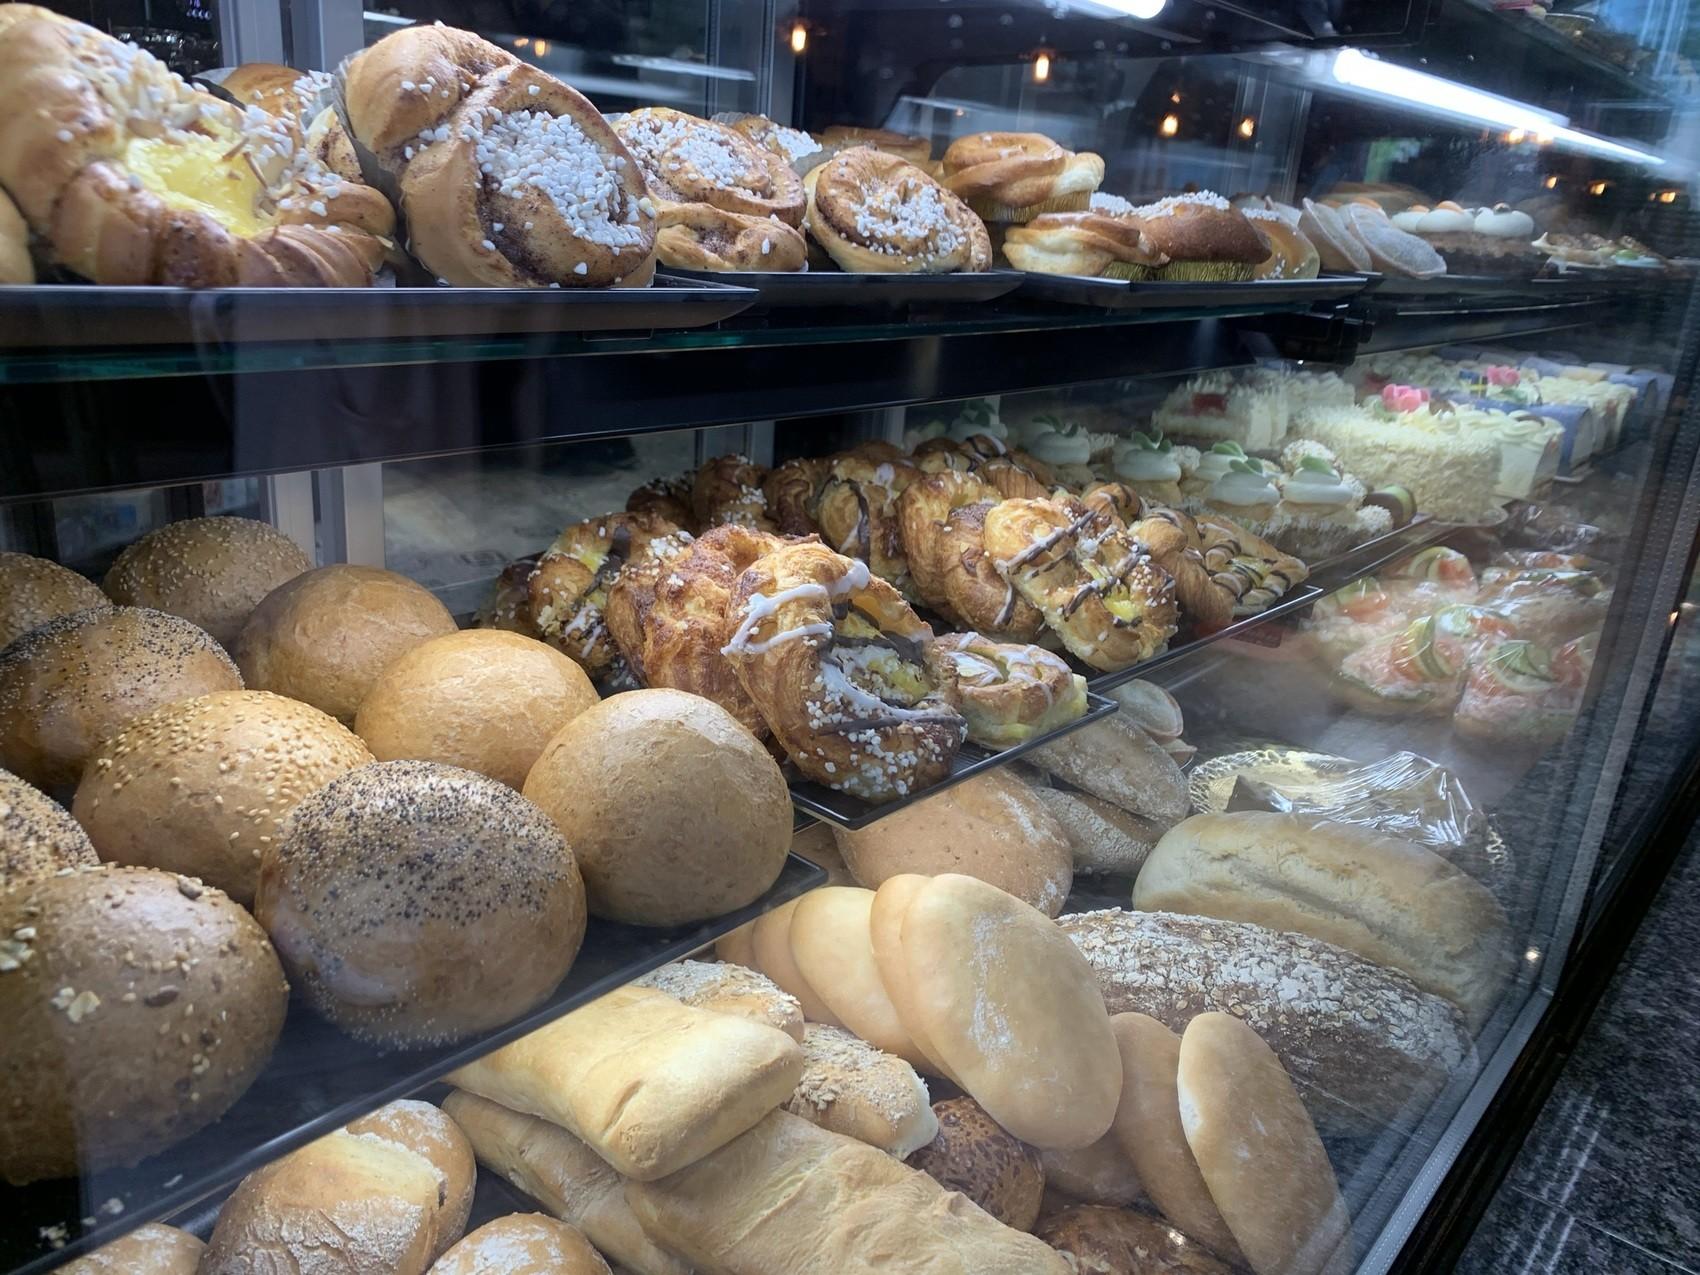 Bröd och bakverk i en kyldisk